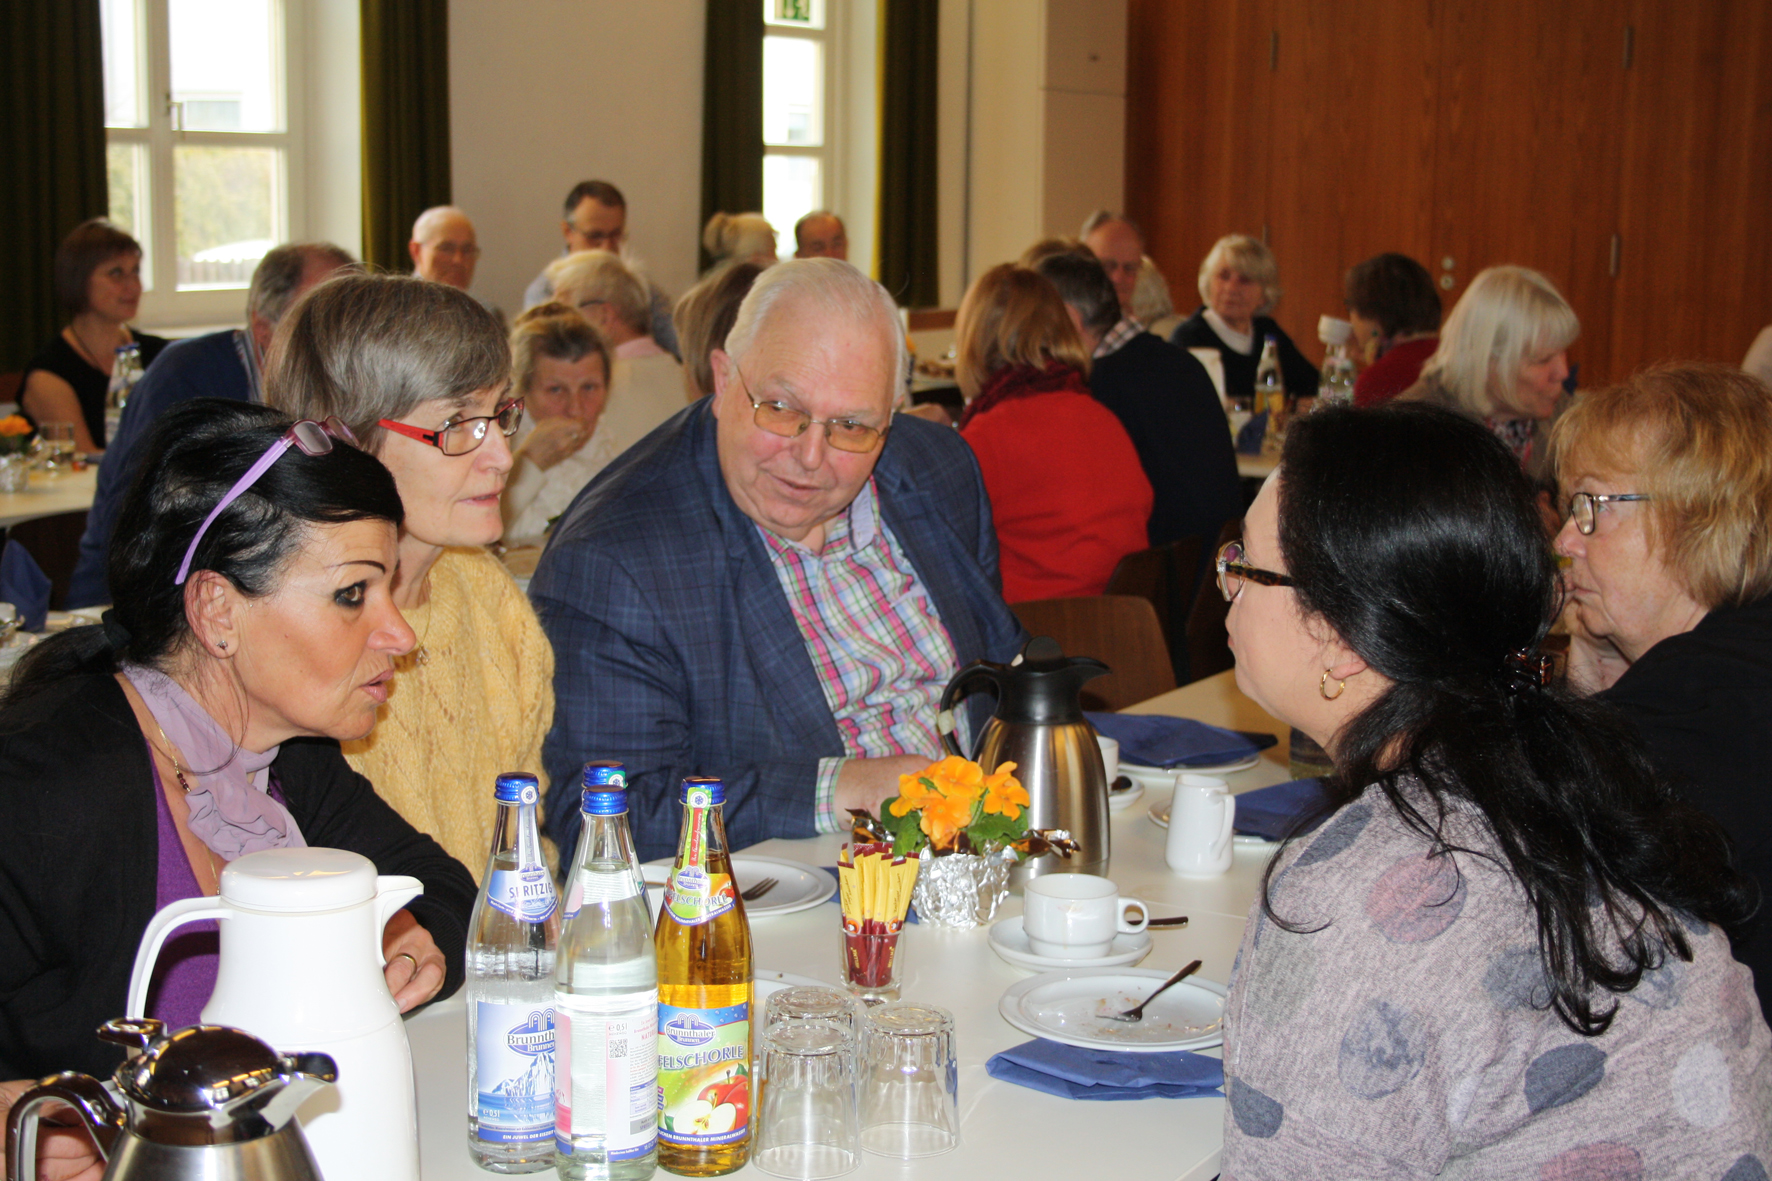 Wolfgang Bär, Vorsitzender des Verwaltungsrats, ist auch dabei.